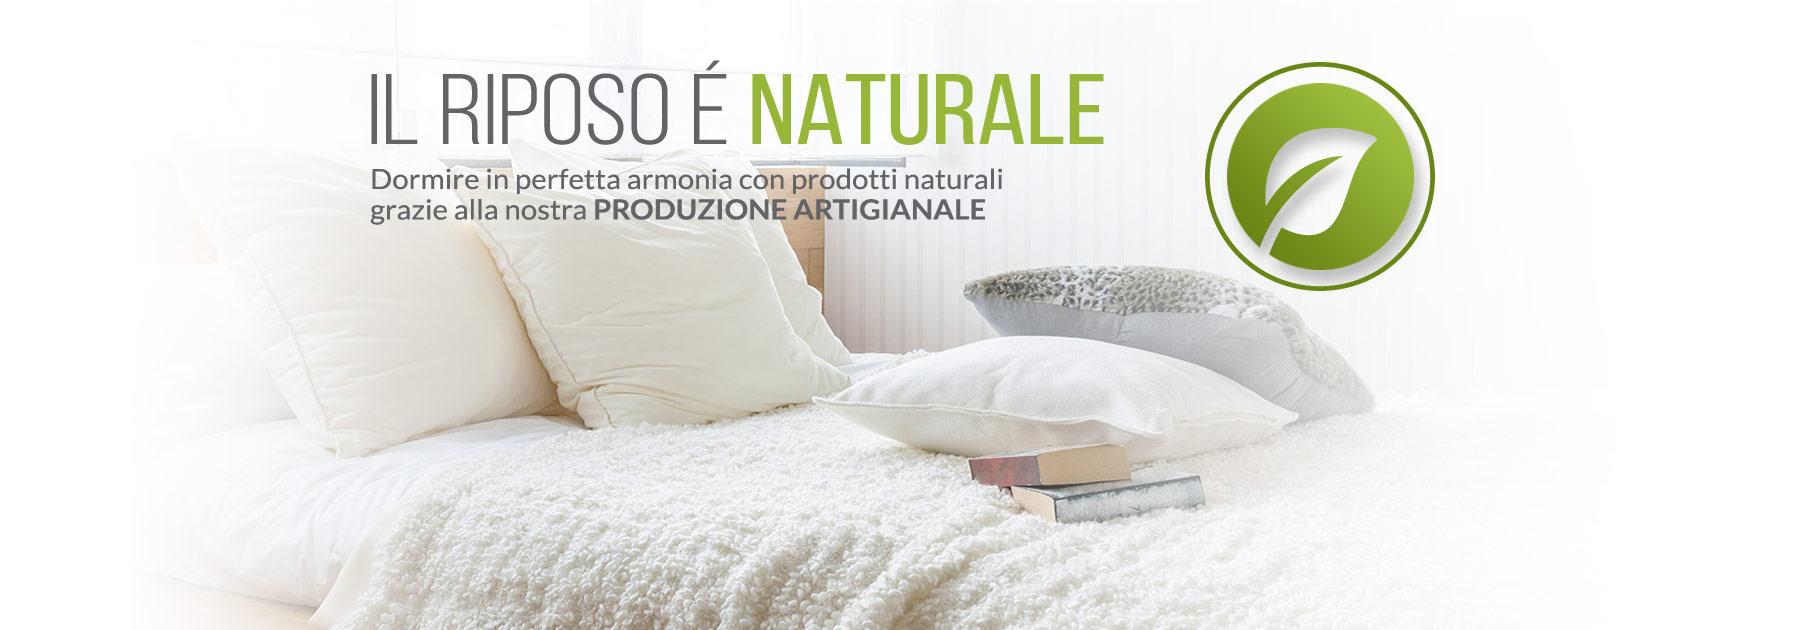 Materassi Milano | Negozio Vendita materassi | Materassi di lana